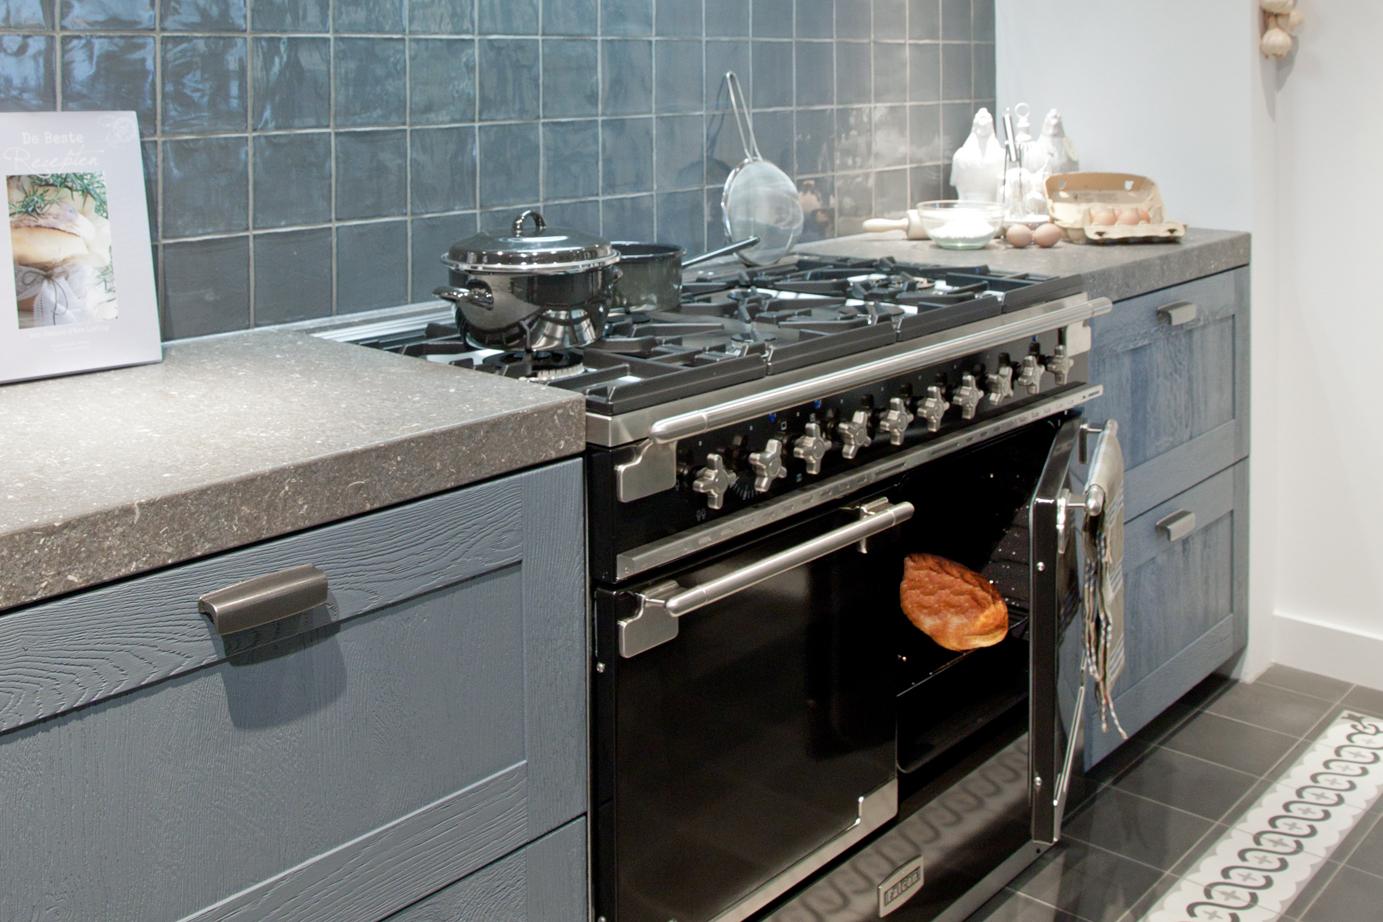 Luxe Keuken Op Maat : uw luxe keuken op maat u ziet wellicht prachtige luxe keukens maar u